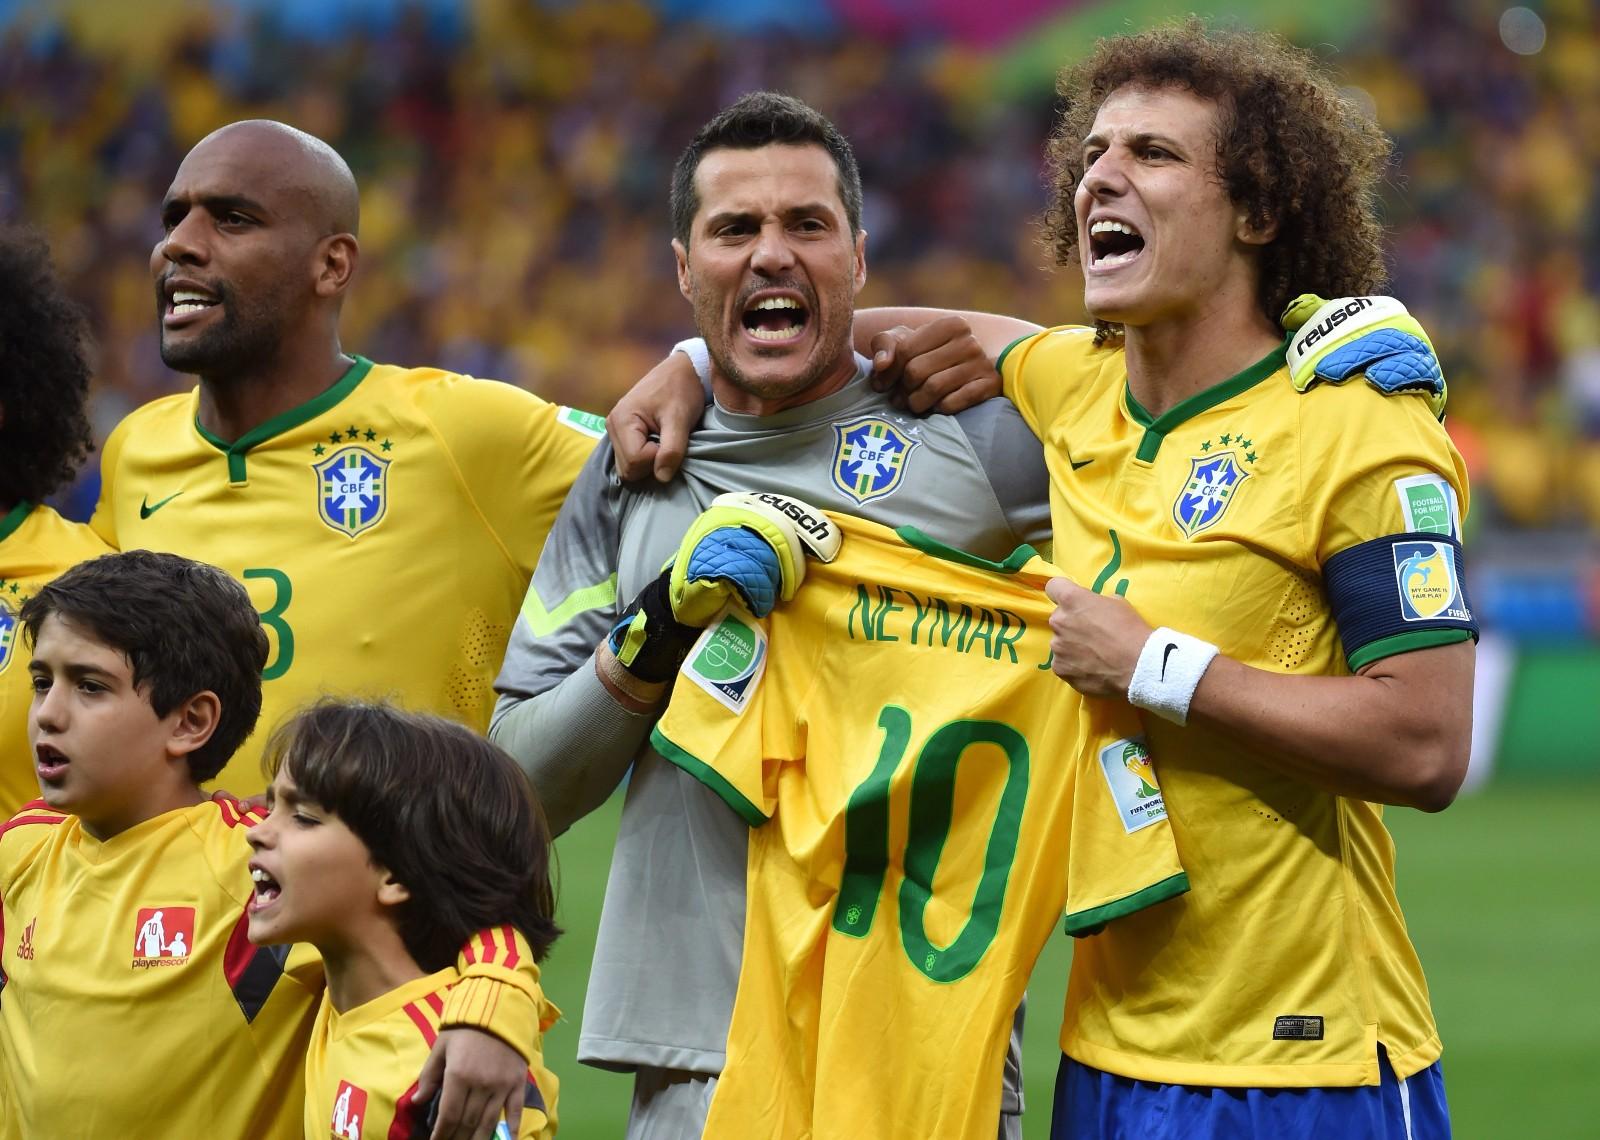 2014年巴西世界杯,巴西国家英雄内马尔在比赛中意外受伤退出世界杯,为了鼓舞球队士气,也为了给伤病中的内马尔加油,在半决赛比赛开始前,队长大卫·路易斯(右)和守门员塞萨尔(中)共同手持内马尔的球衣在开赛仪式上唱国歌(2014年7月8日摄)。